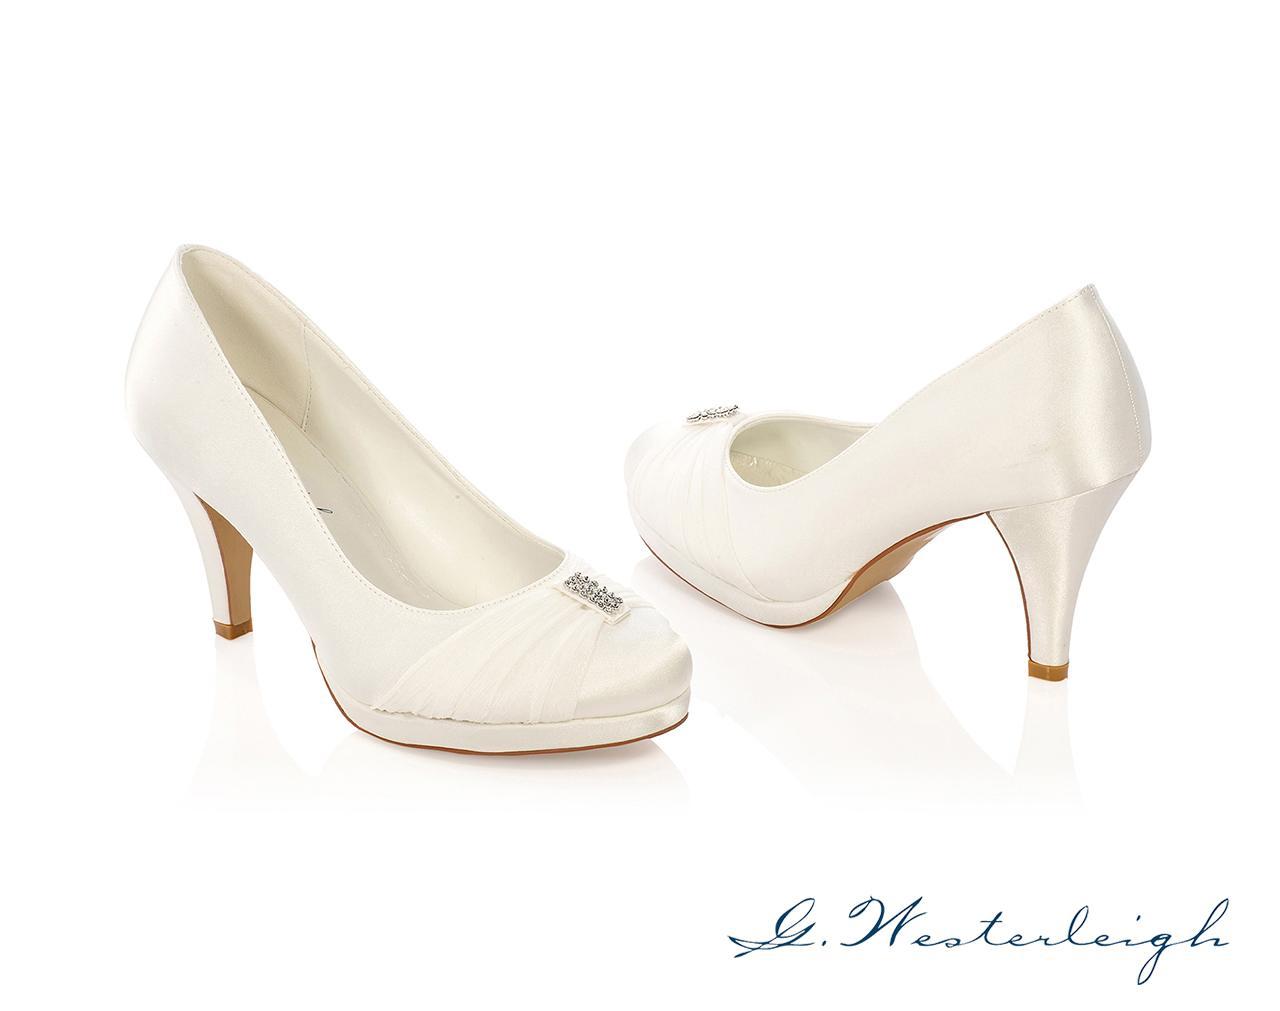 HANNAH - Westerleigh cipő. 26.500 Ft. 8 cm sarok